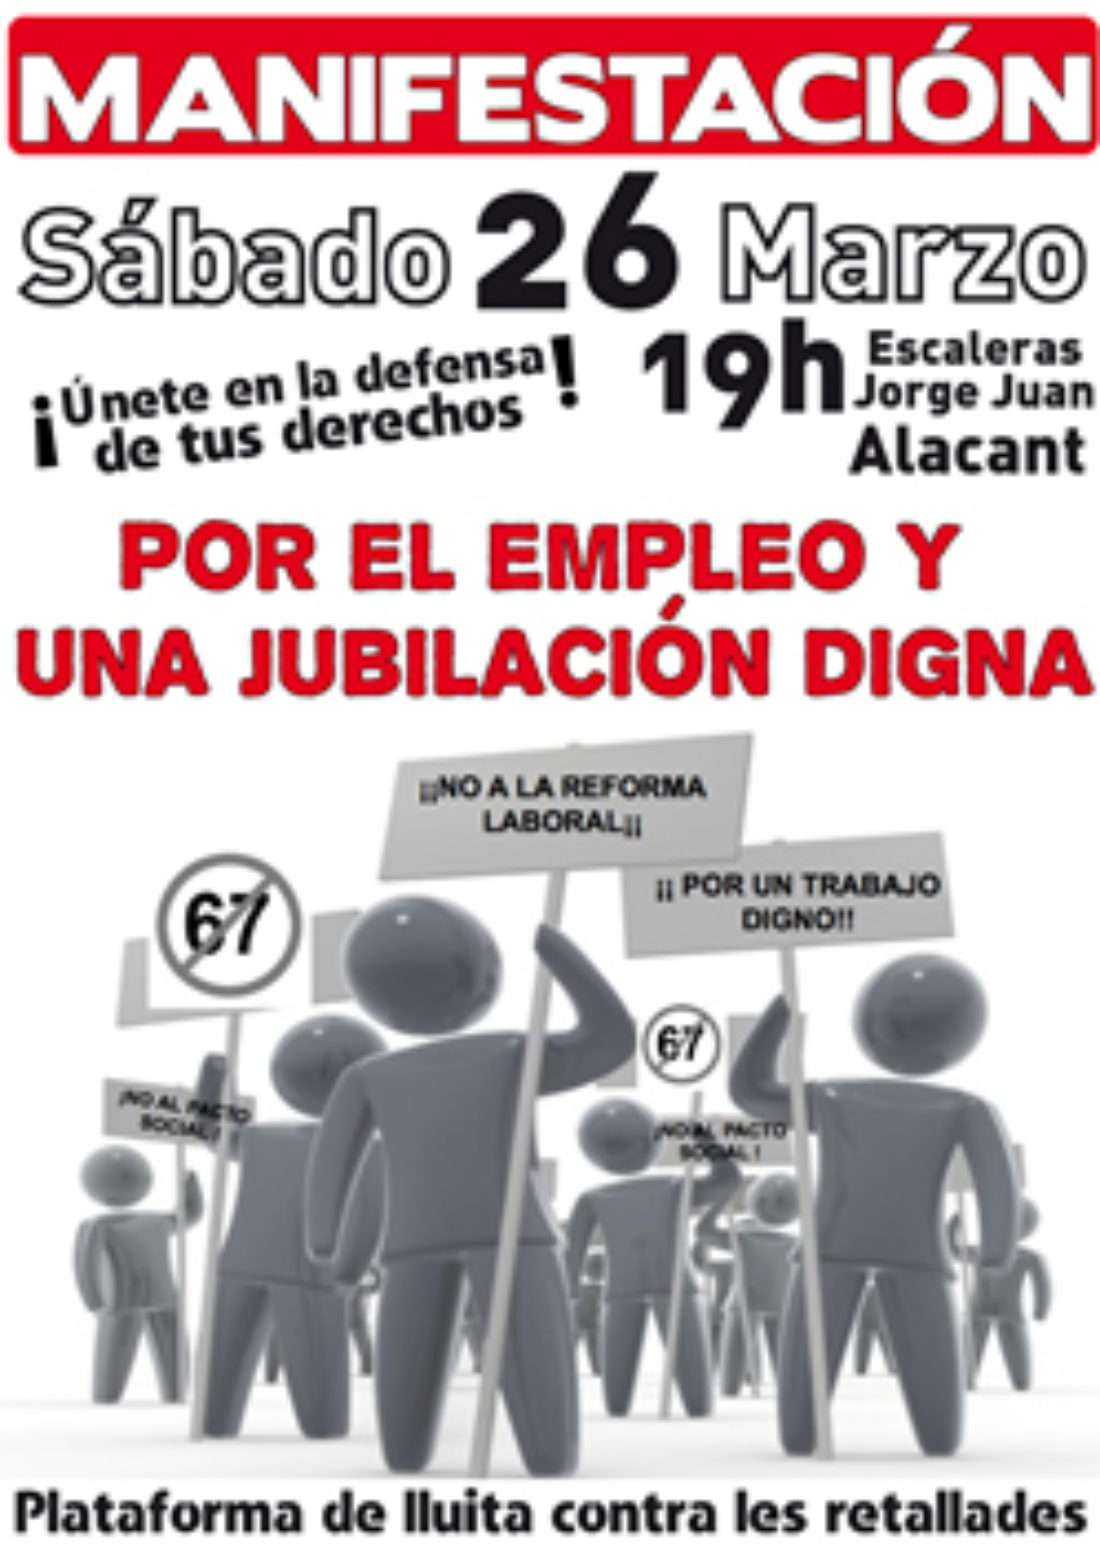 Alacant, 26 de Marzo: Manifestación «Por el Empleo y una Jubilación digna»